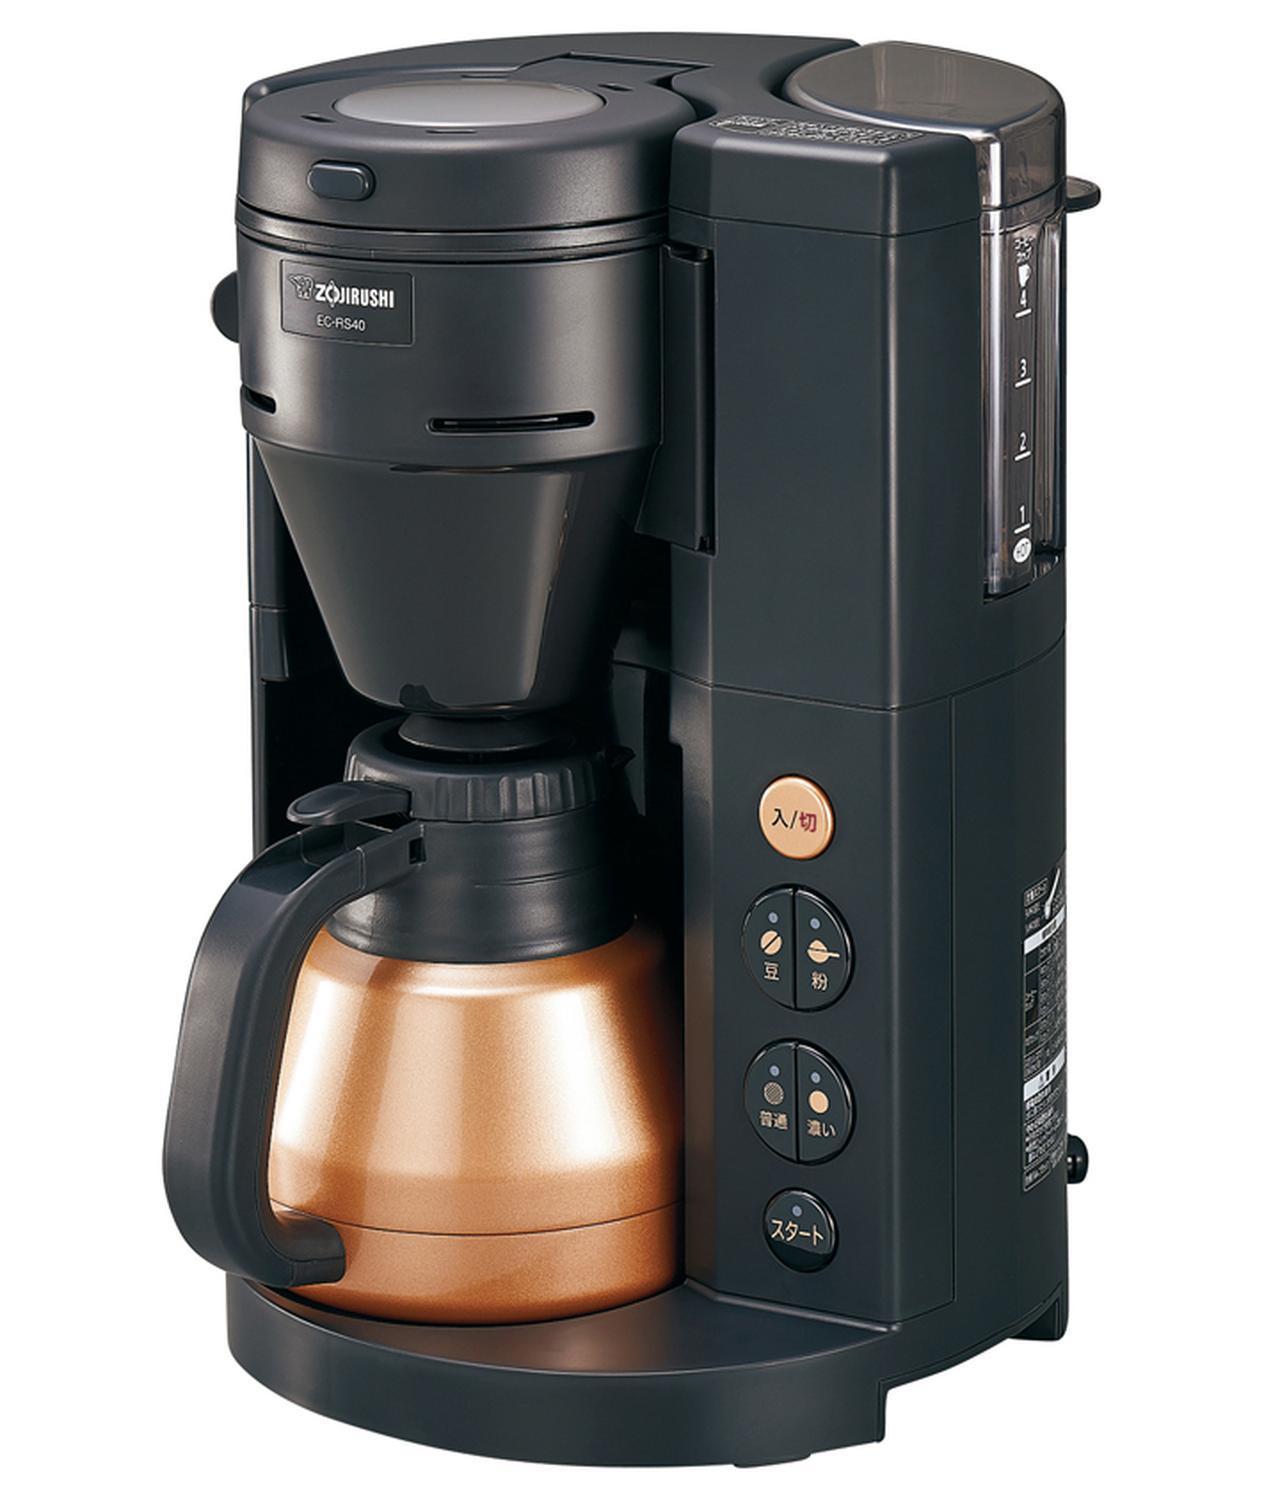 画像1: 通も納得のコクと香り! 象印のコーヒーメーカーに注目【珈琲通EC-RS40型】